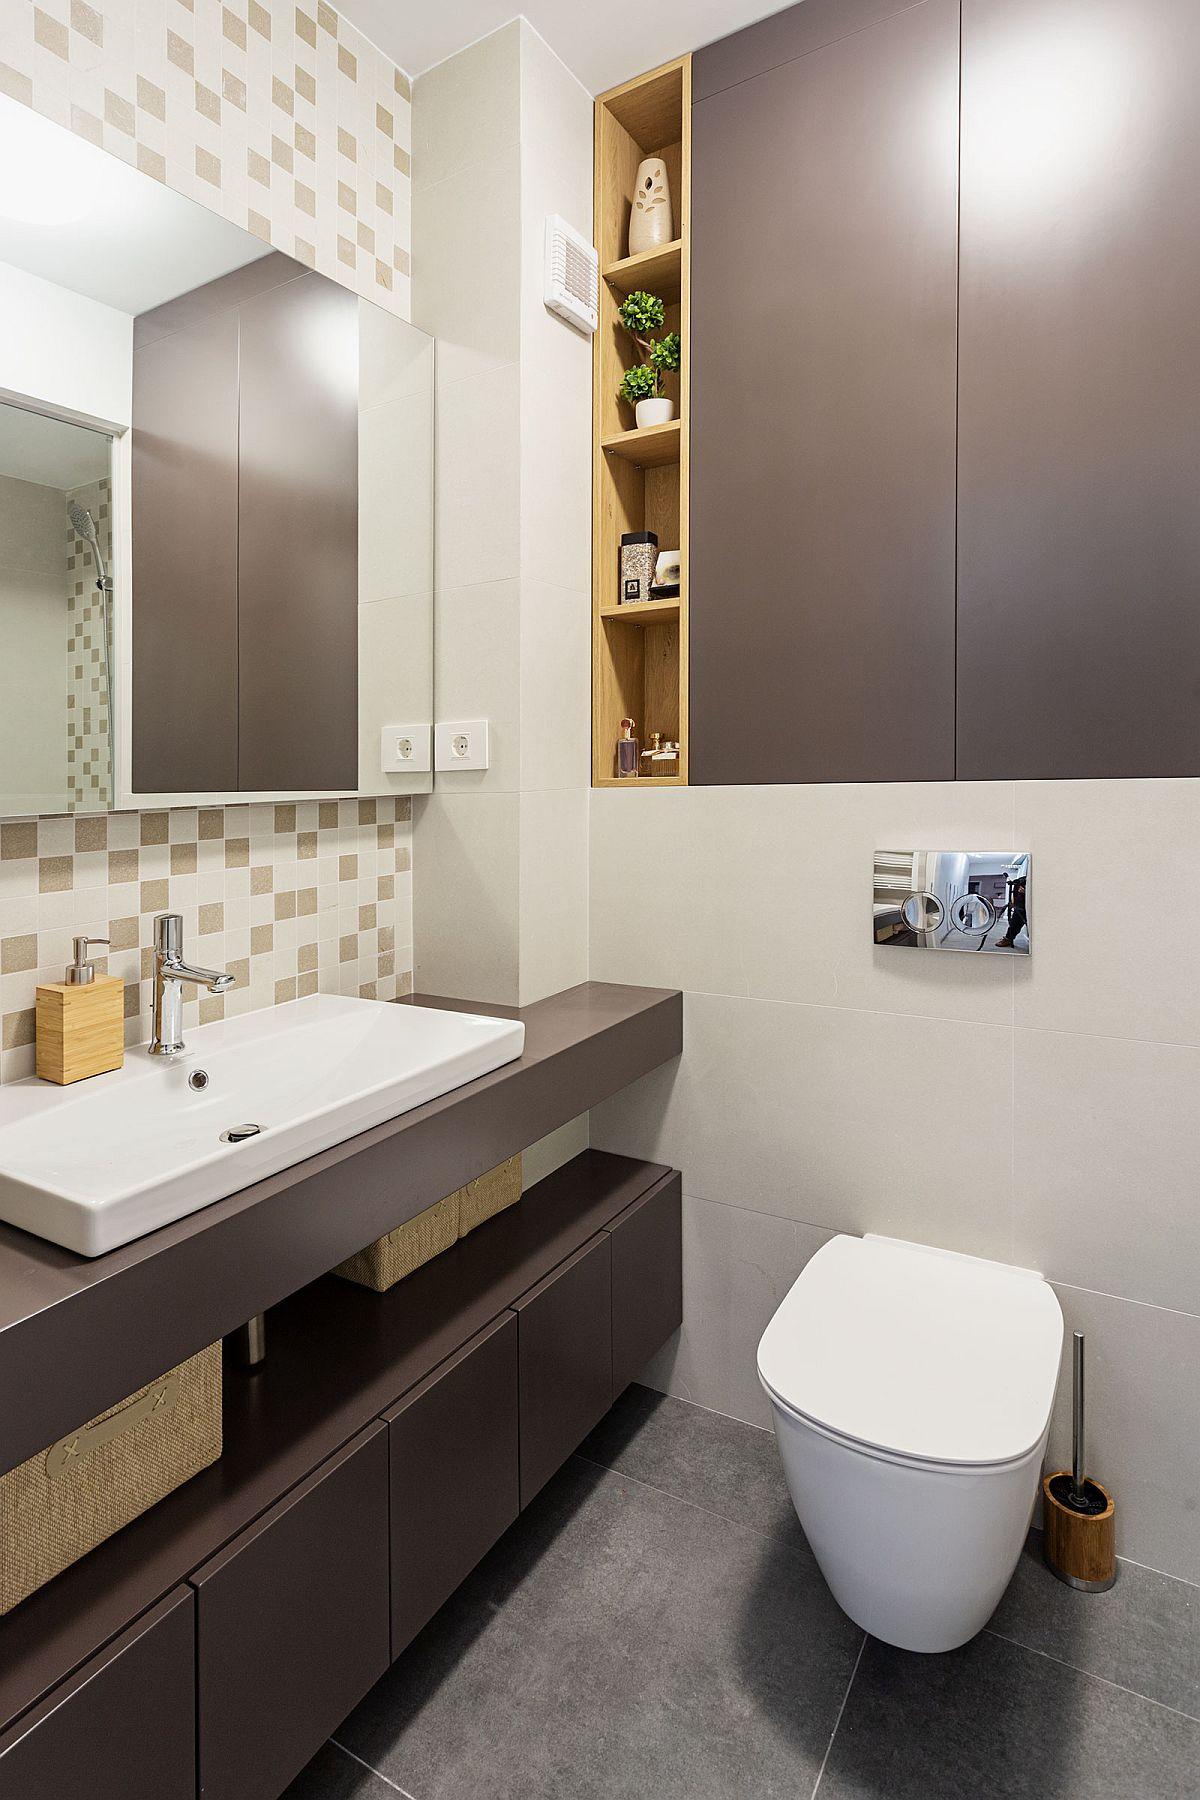 Baia mai mare are mobilier integrat deasupra rezervorului îngropat al vasului de toaletă, de asemenea mobilierul ce înglobează lavoarul a fost gîndit cu spații de depozitare închise în partea de jos și deschise sub lavoar. Astfel, s-a obținut maximum de loc de dezpozitare într-o baie de circa 3,9 mp.